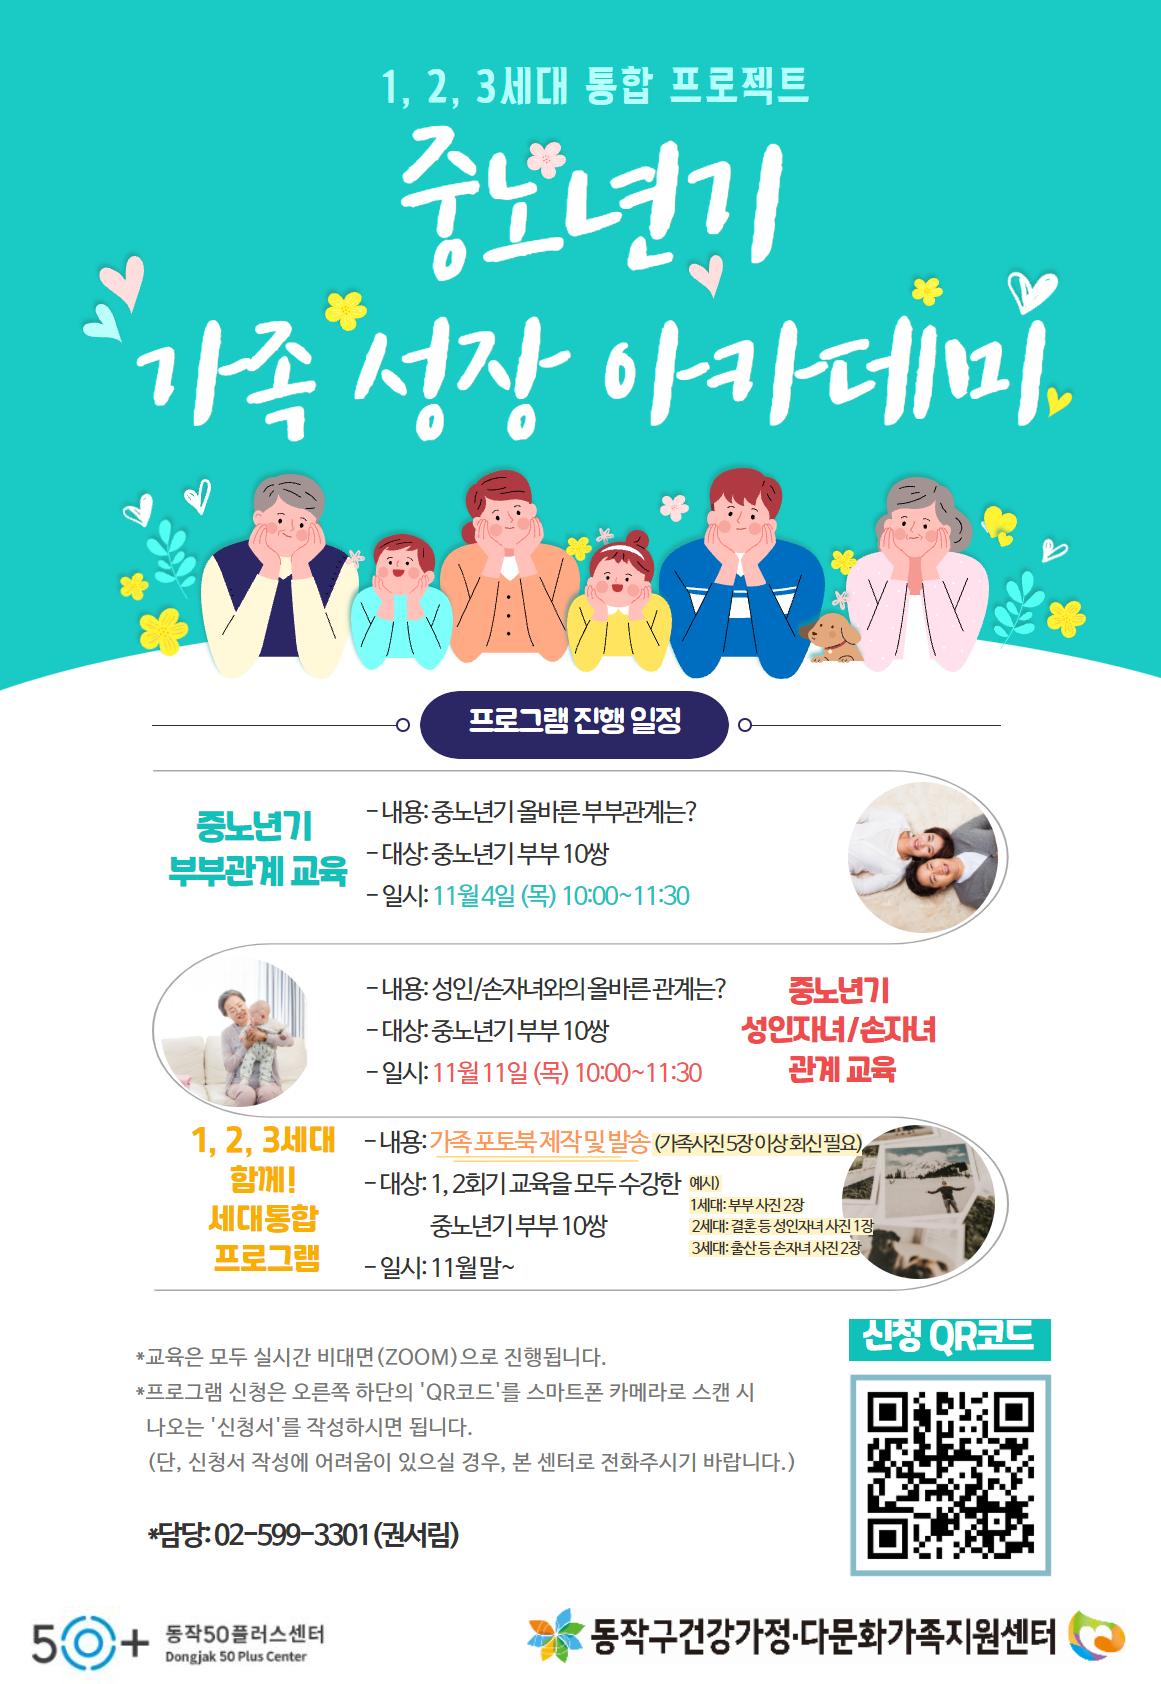 중노년기 가족성장 아카데미 포스터